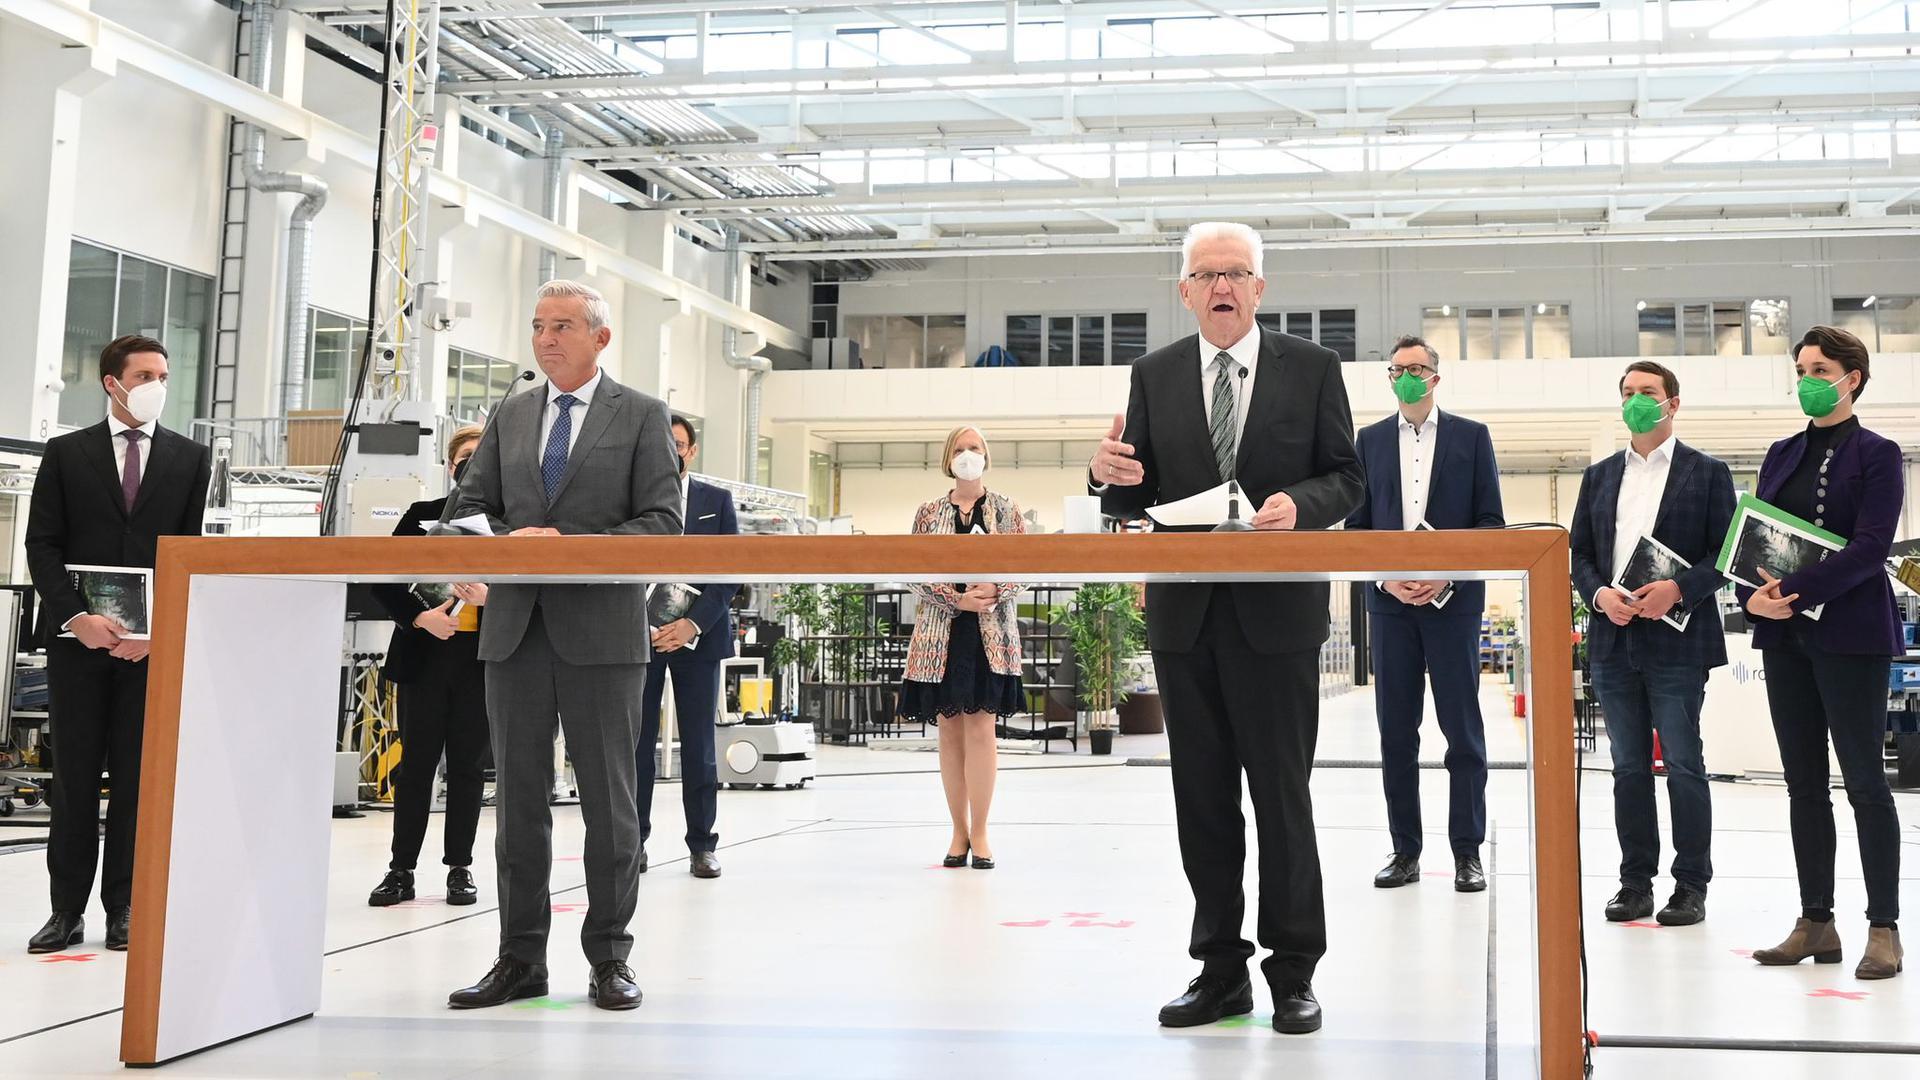 Winfried Kretschmann (r, Grüne) und Thomas Strobl (l, CDU) stellen den Koalitionsvertrag vor.